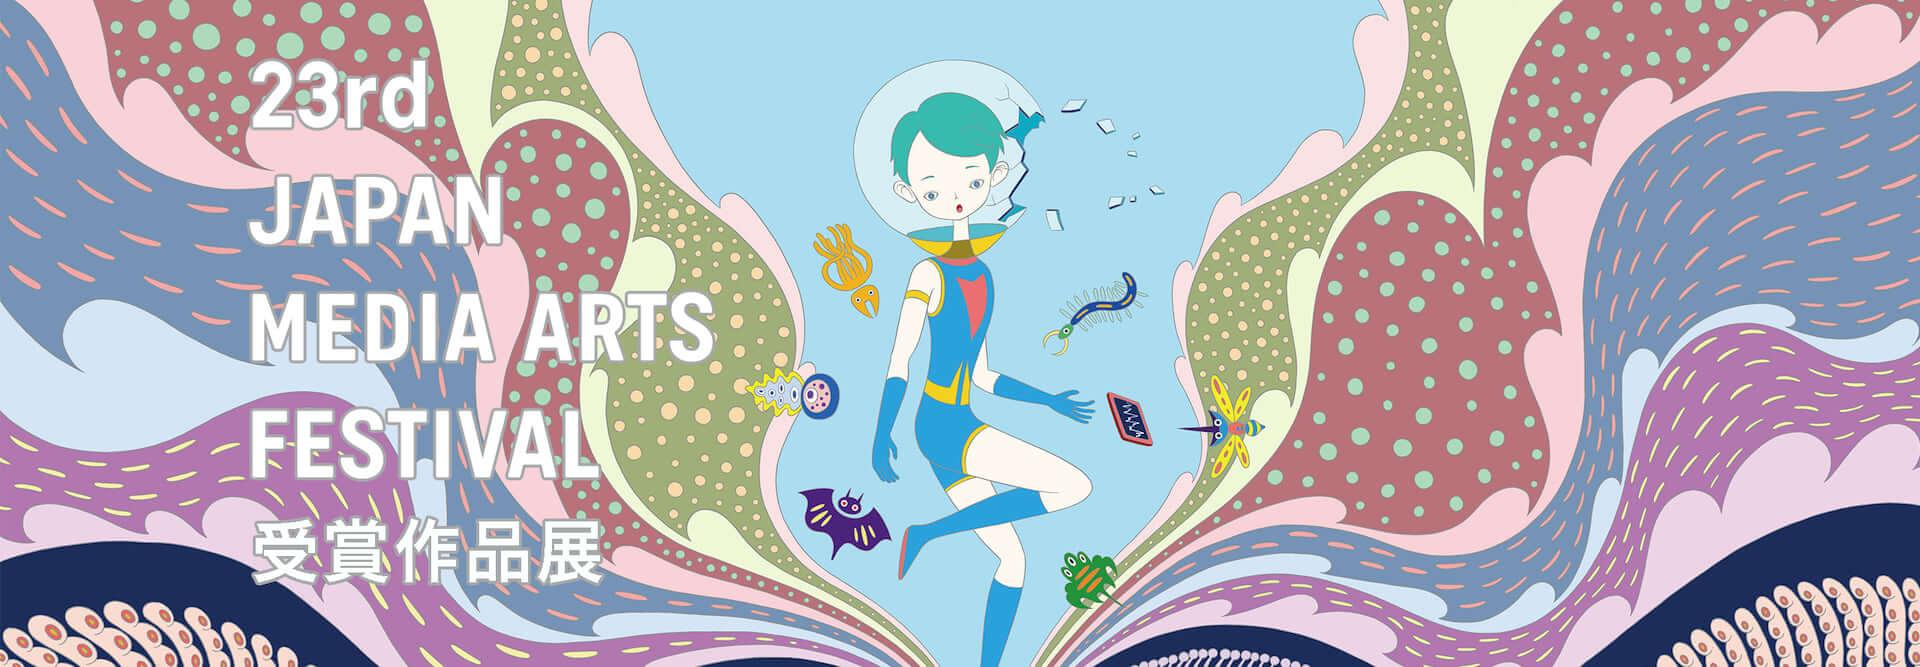 <第23回文化庁メディア芸術祭受賞作品展>が日本科学未来館で開催決定!VRカメラによるオンラインコンテンツも展開 art200910_mediaartsfes_10-1920x667